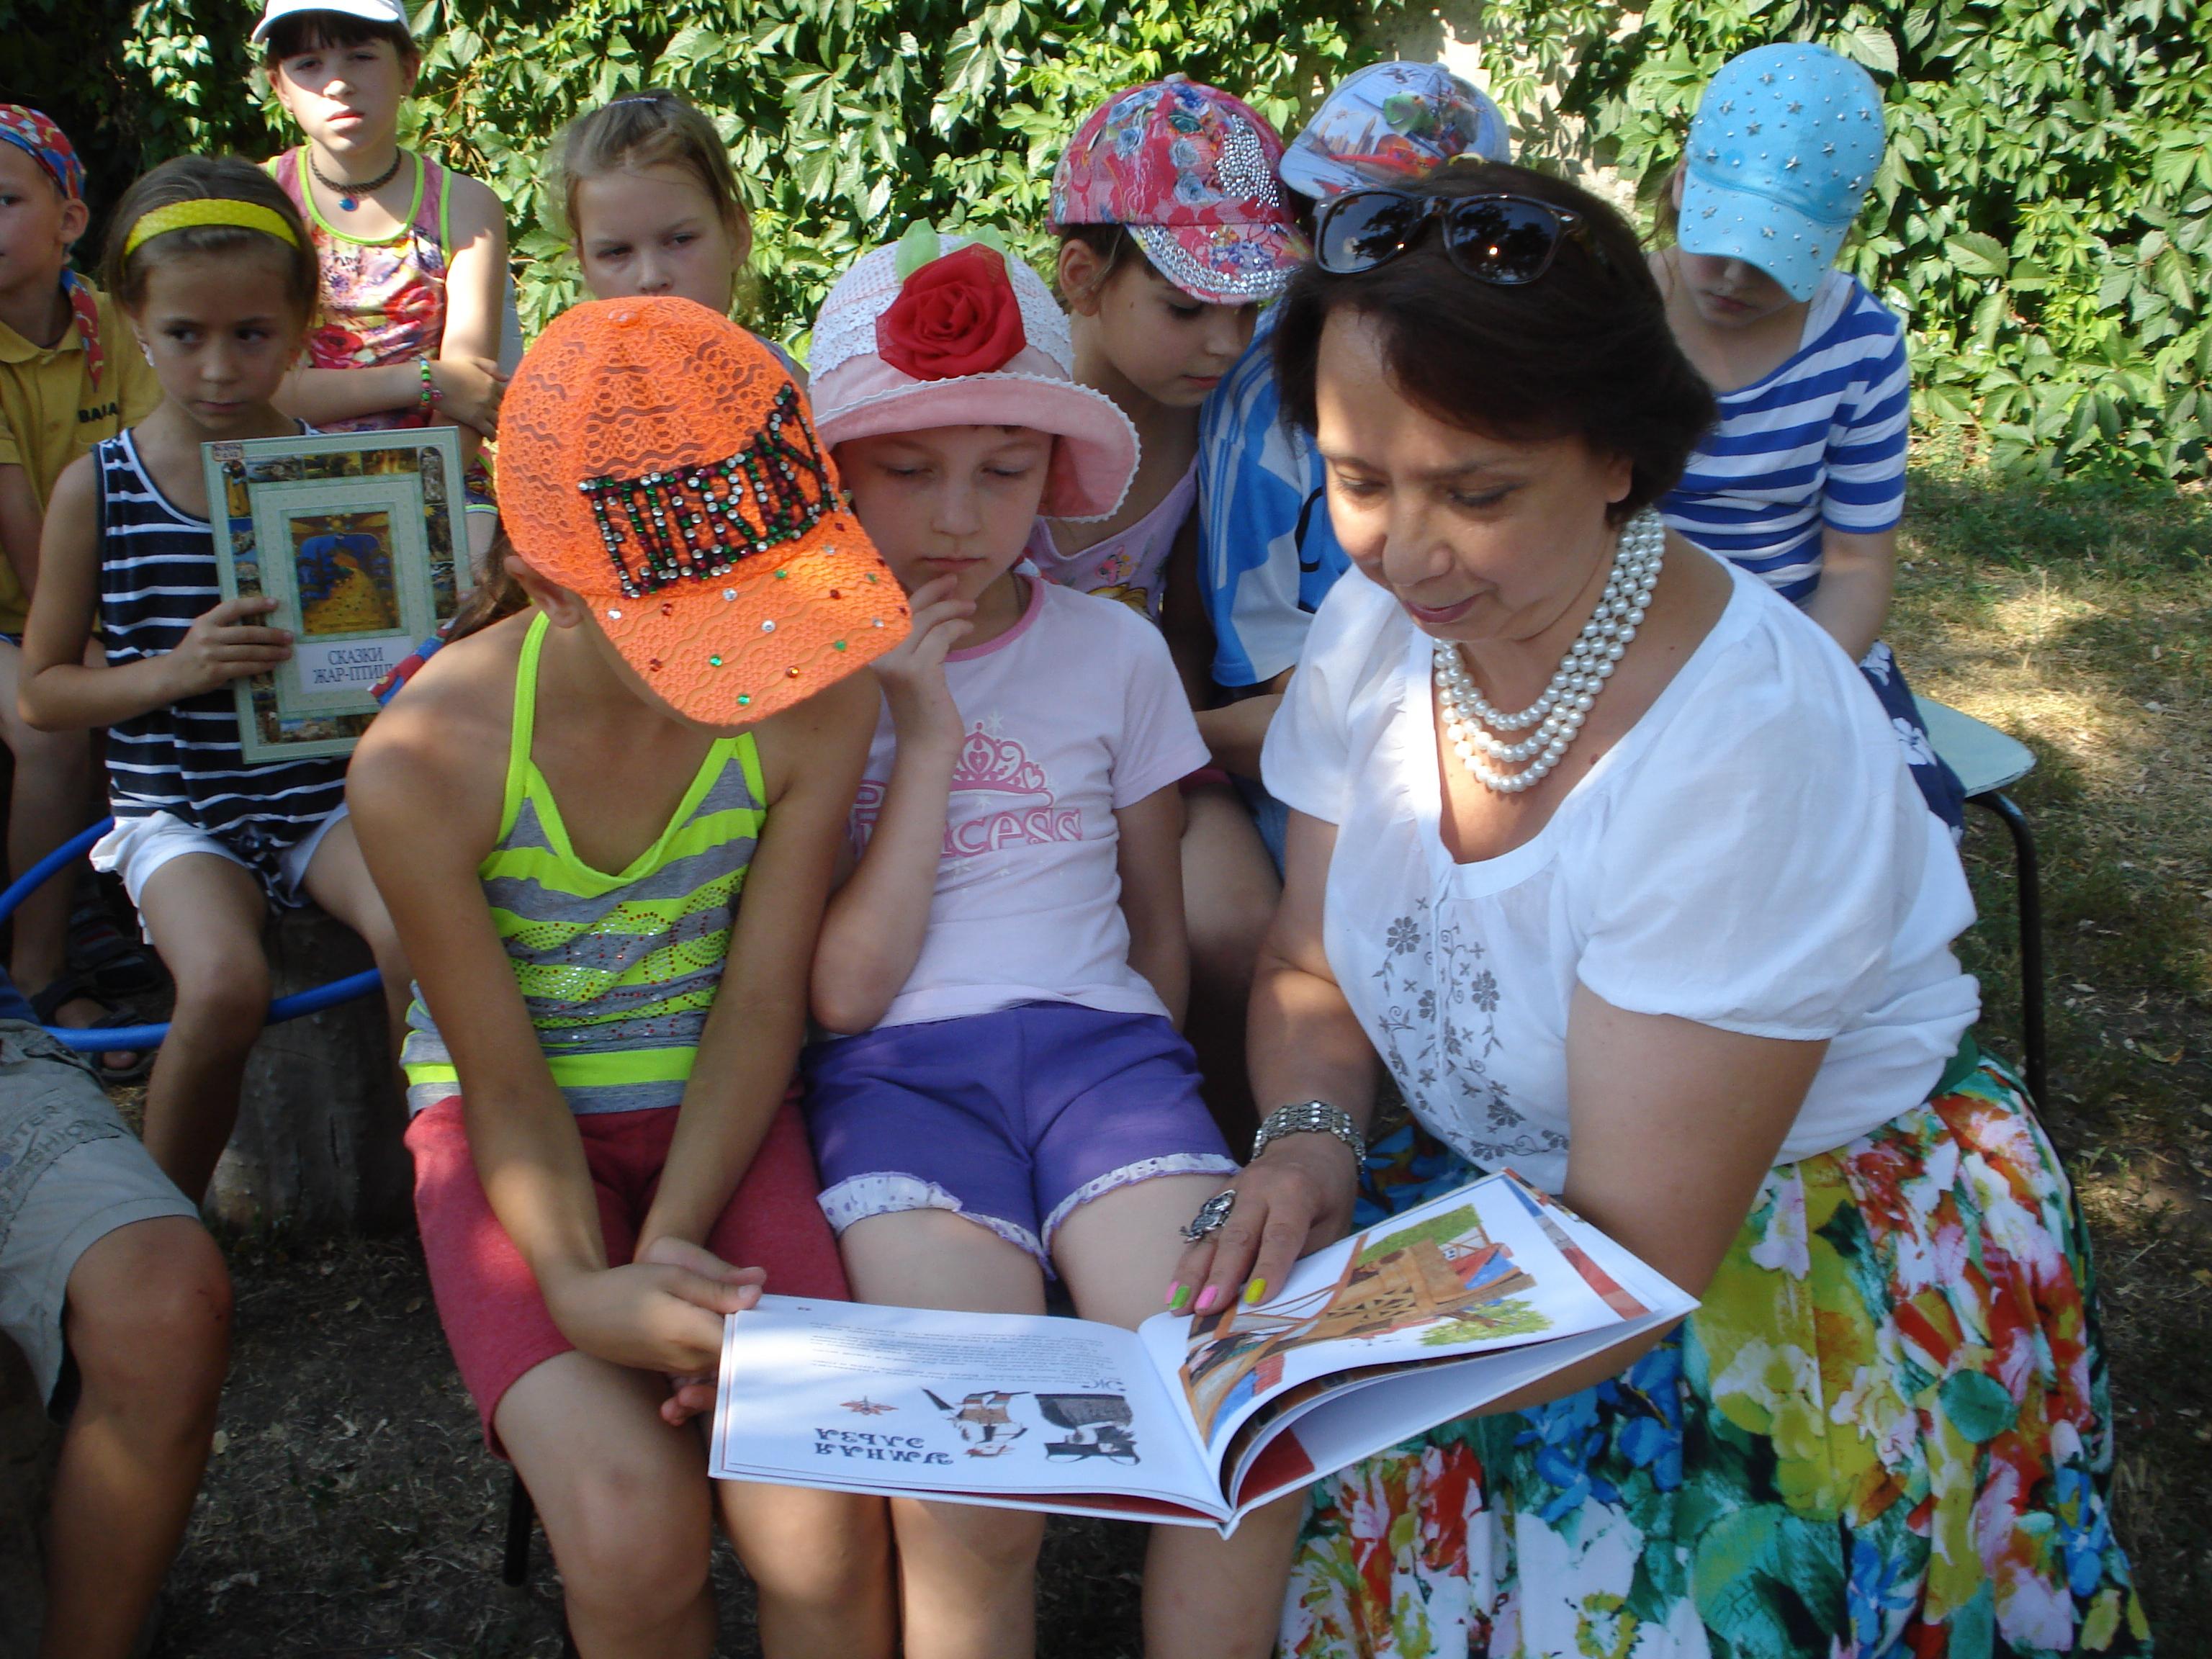 донецкая республиканская библиотека для детей, отдел обслуживания учащихся 5-9 классов, занятия с детьми, летний книжный вояж